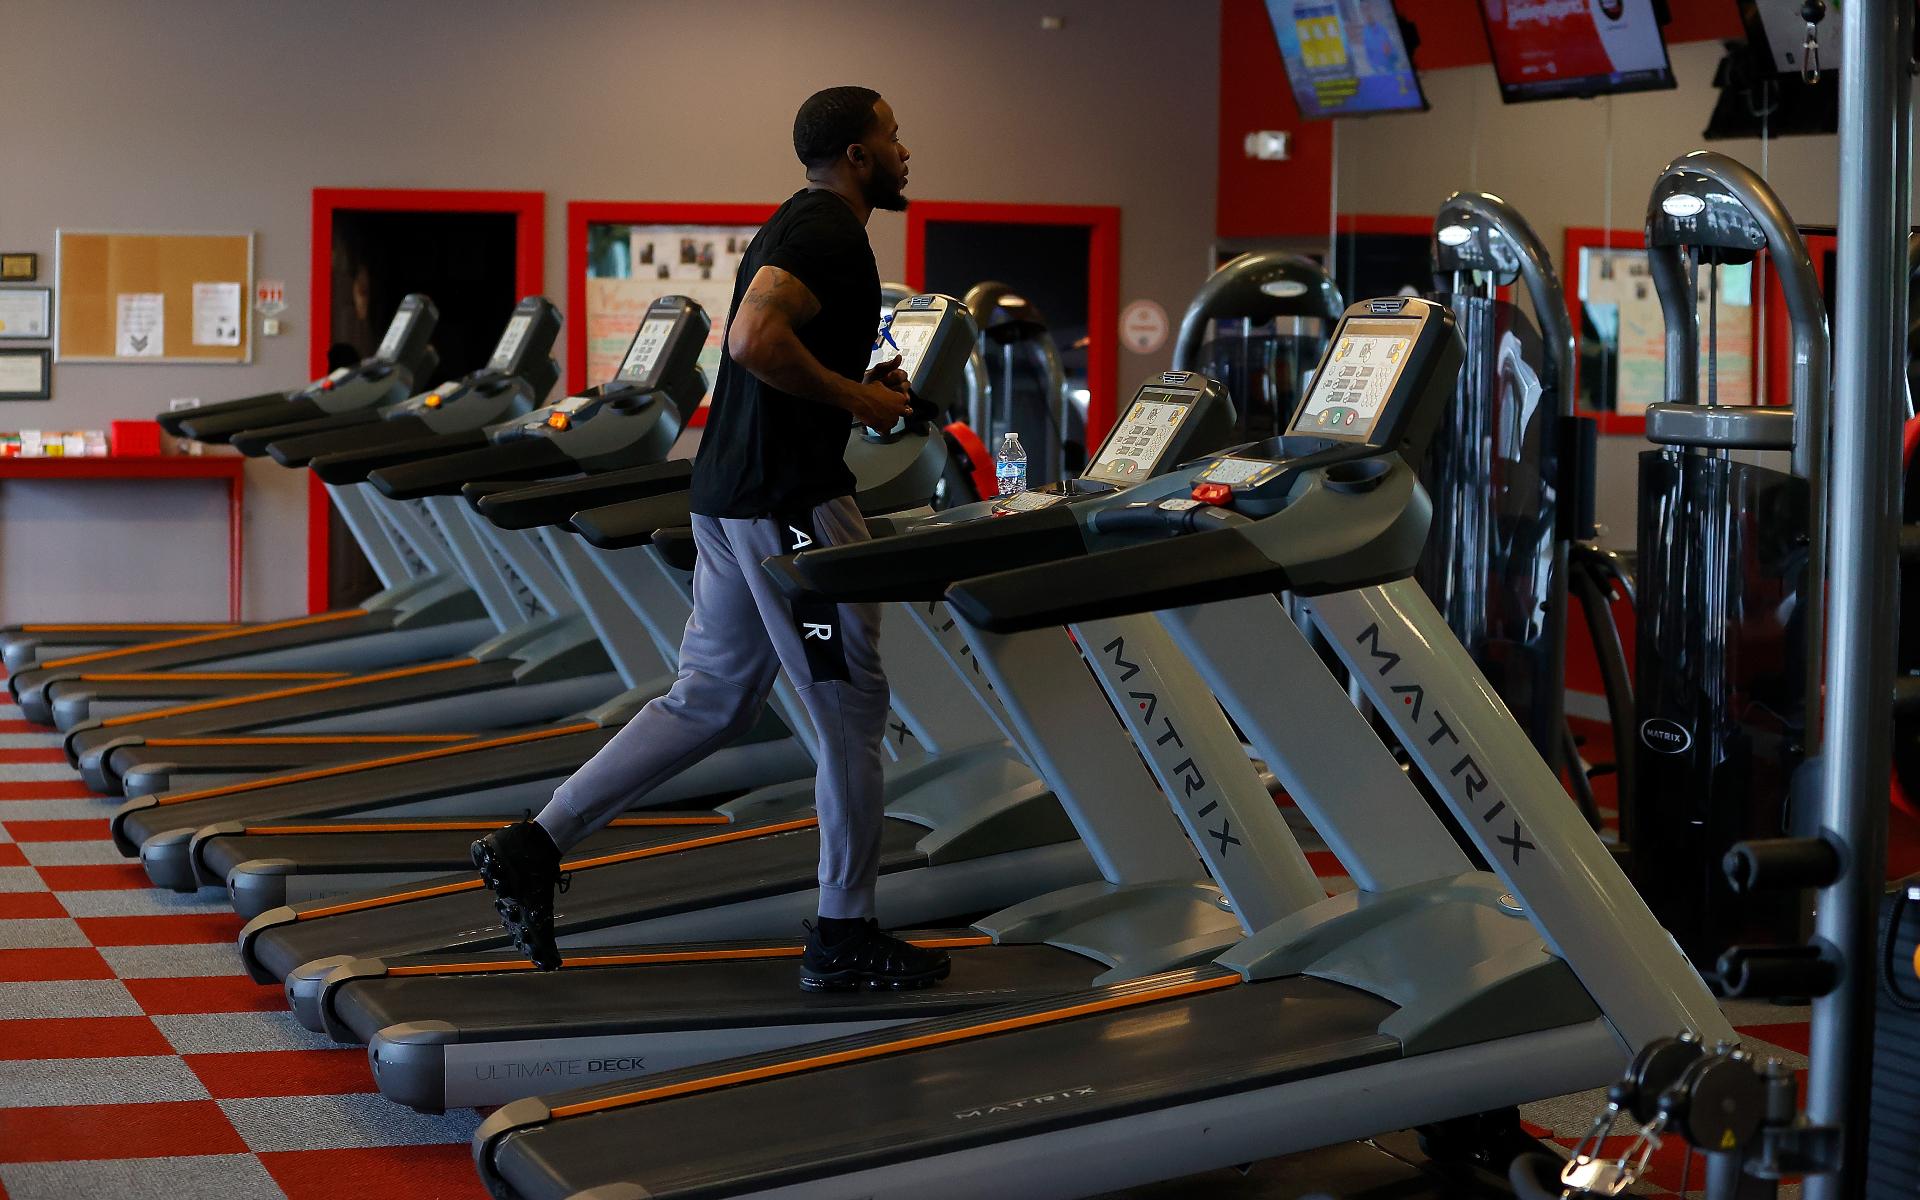 Фото: Тренировка на беговой дорожке  (Photo by Kevin C. Cox/Getty Images)